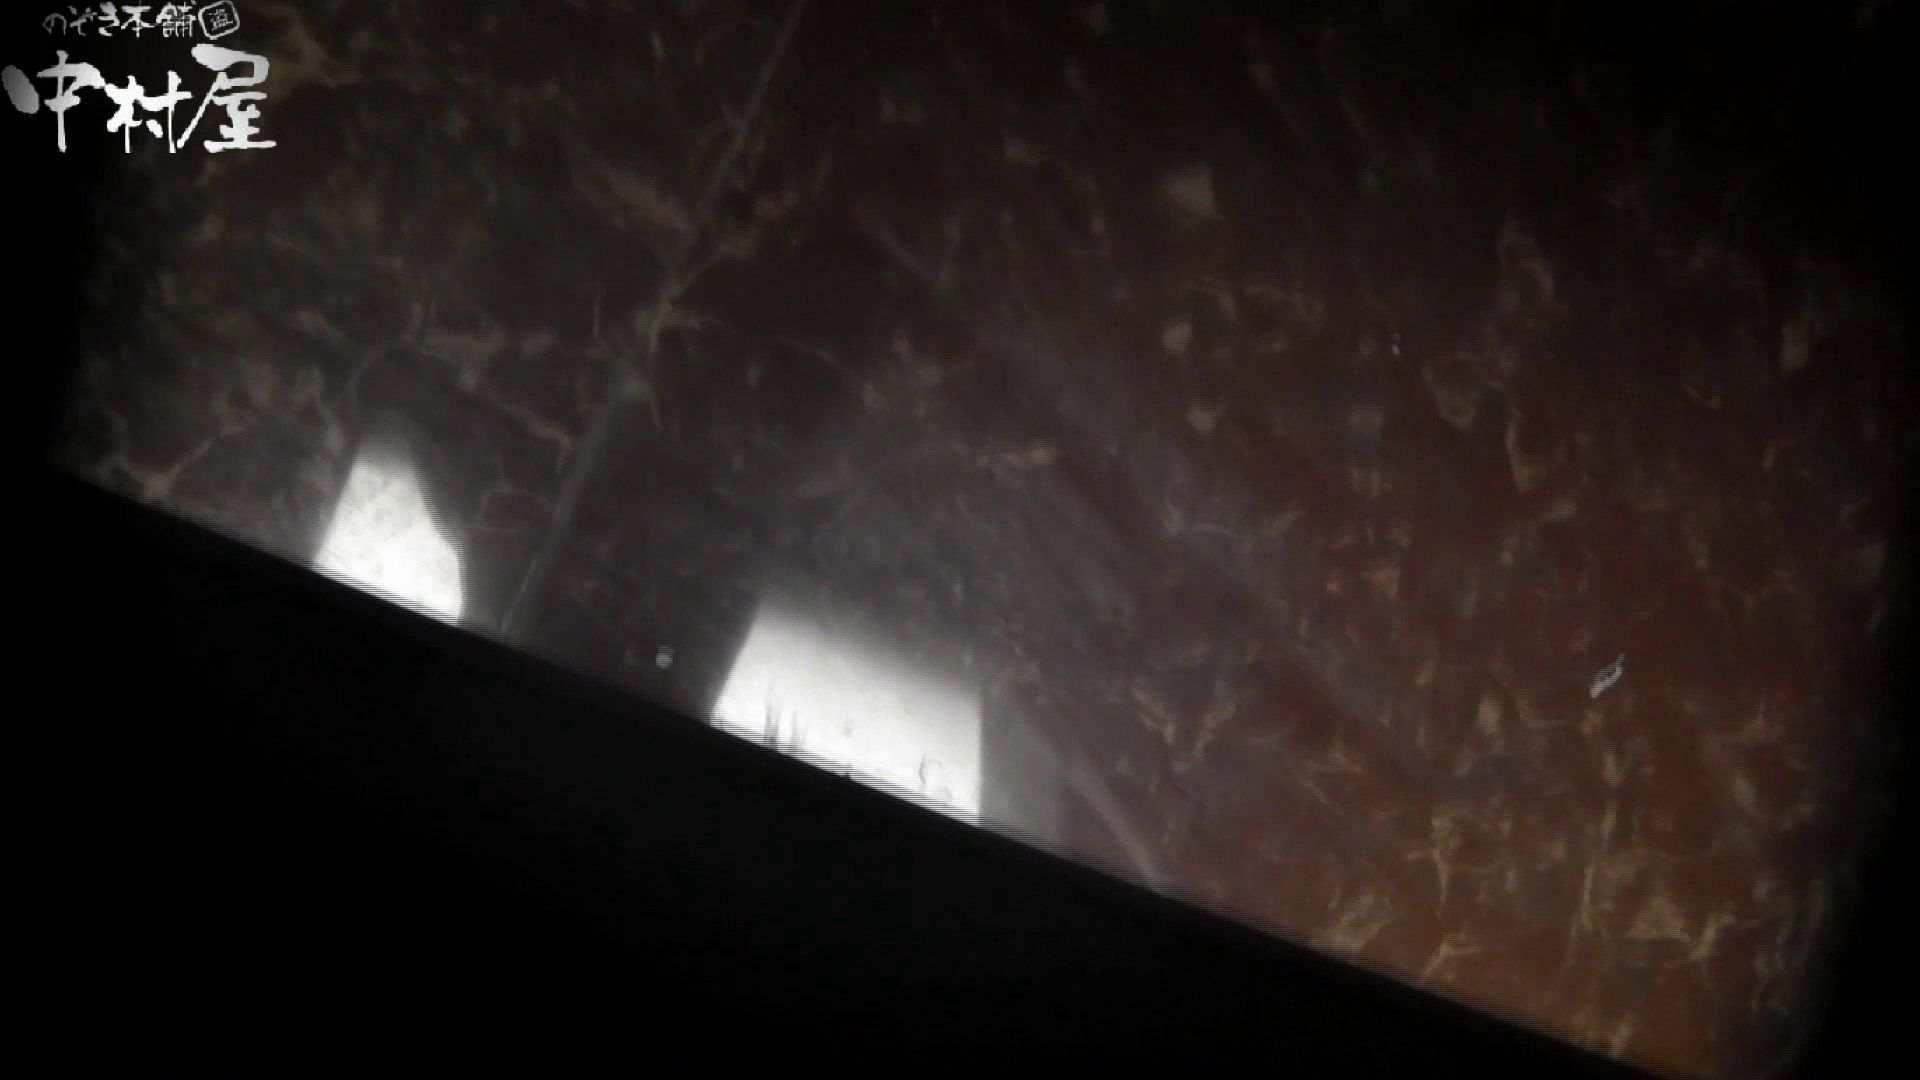 世界の射窓から vol.43 ソーニュー 前編 洗面所編 | 0  105PIX 47